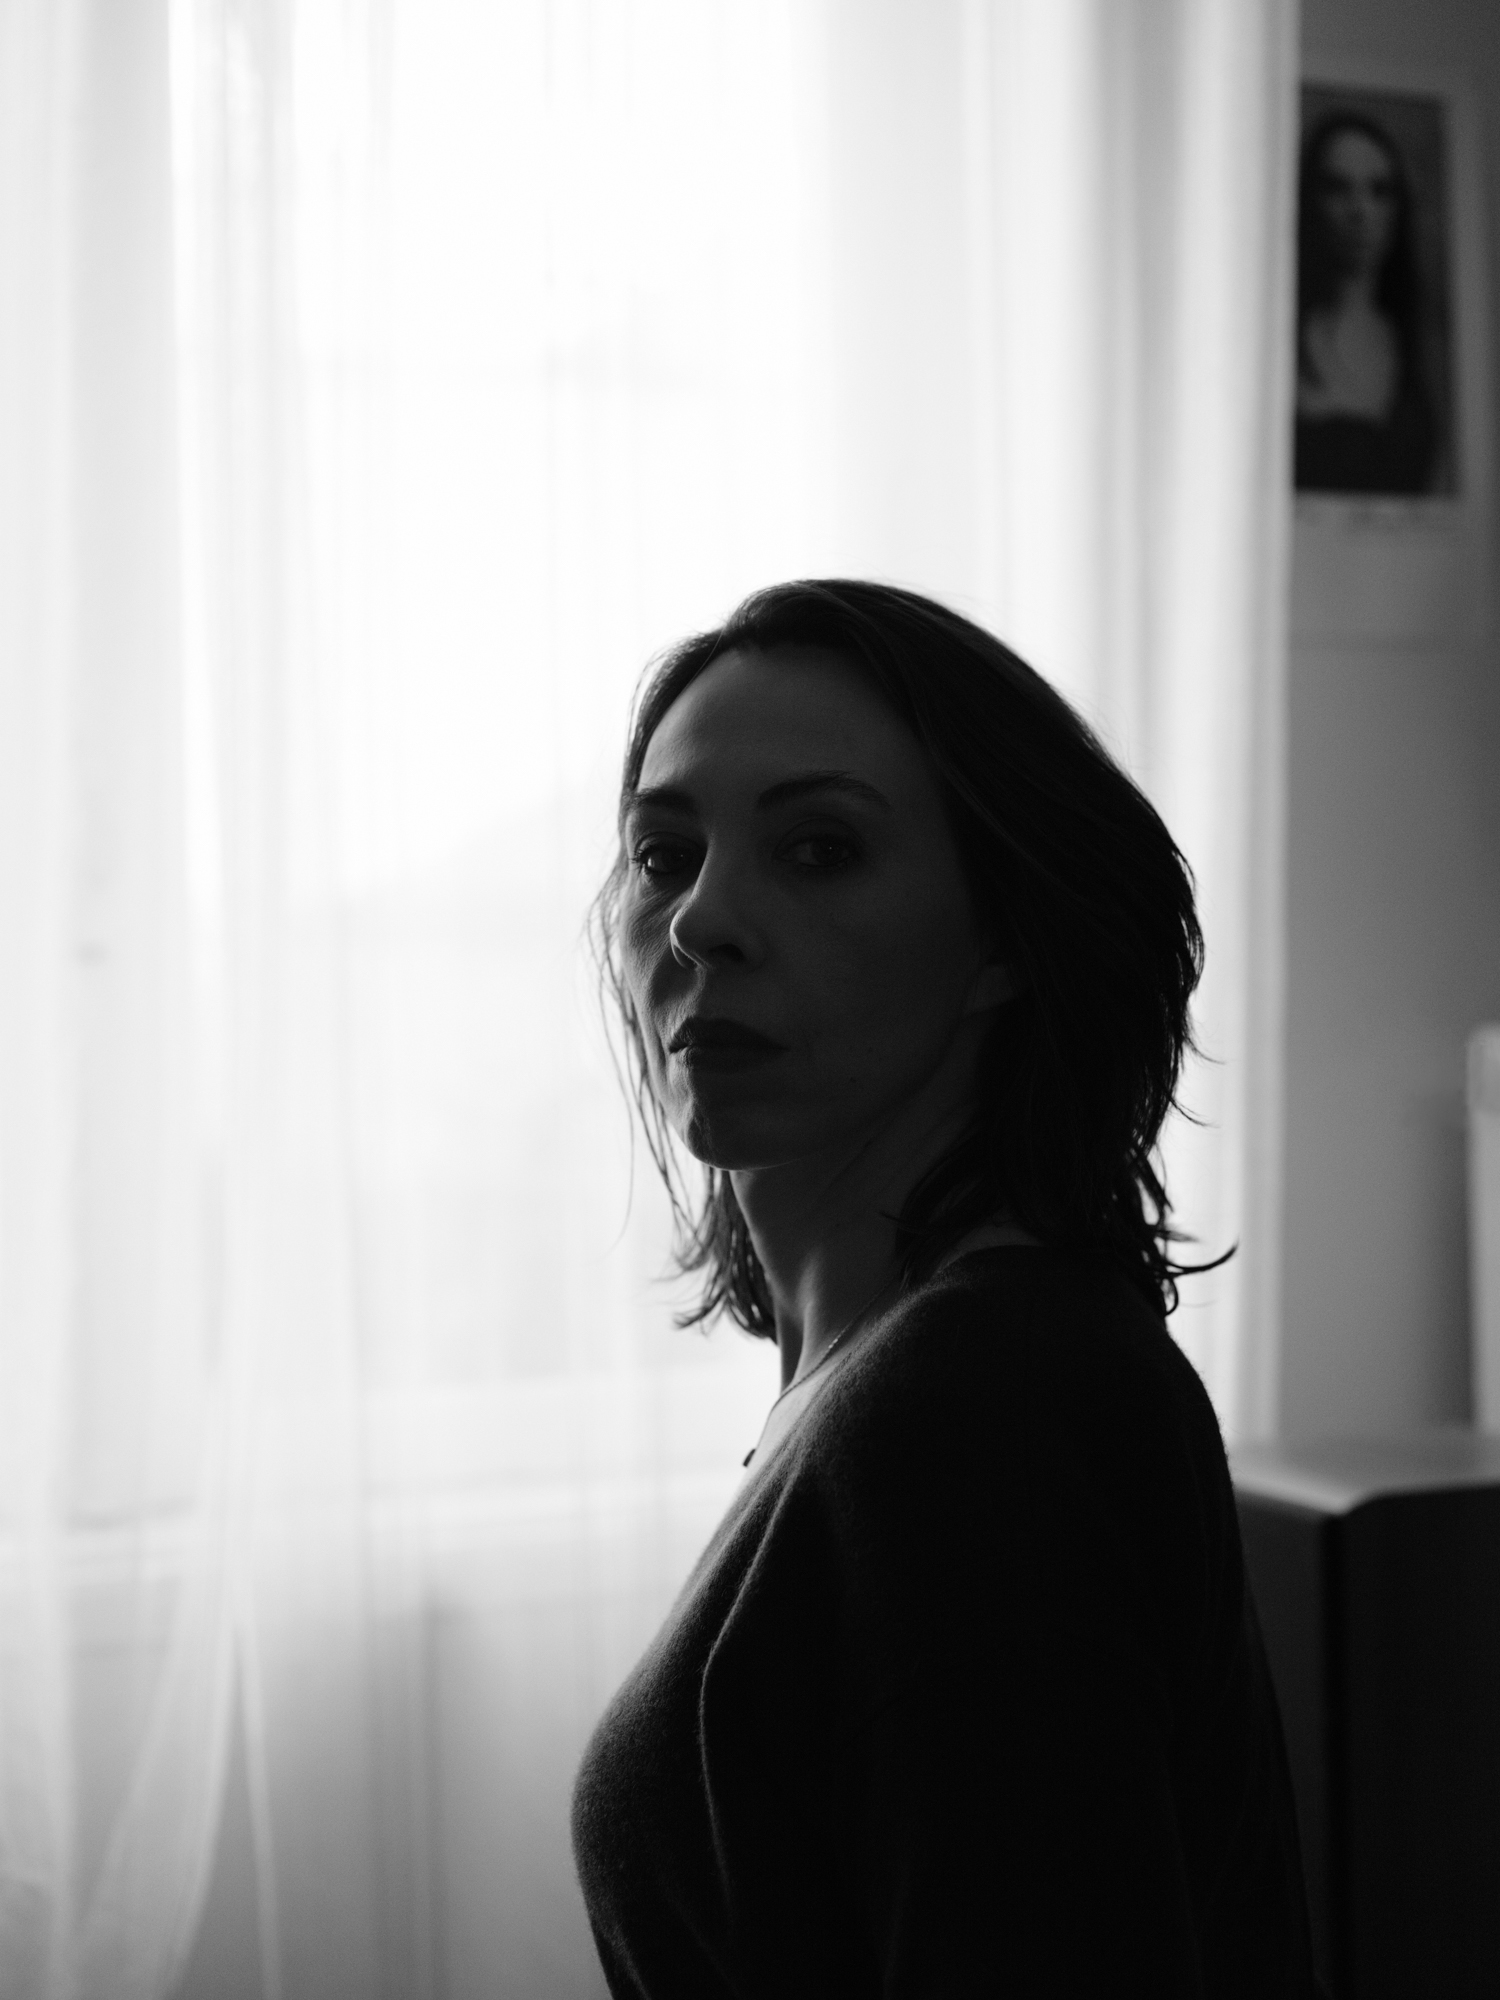 Marina de Van, film director.